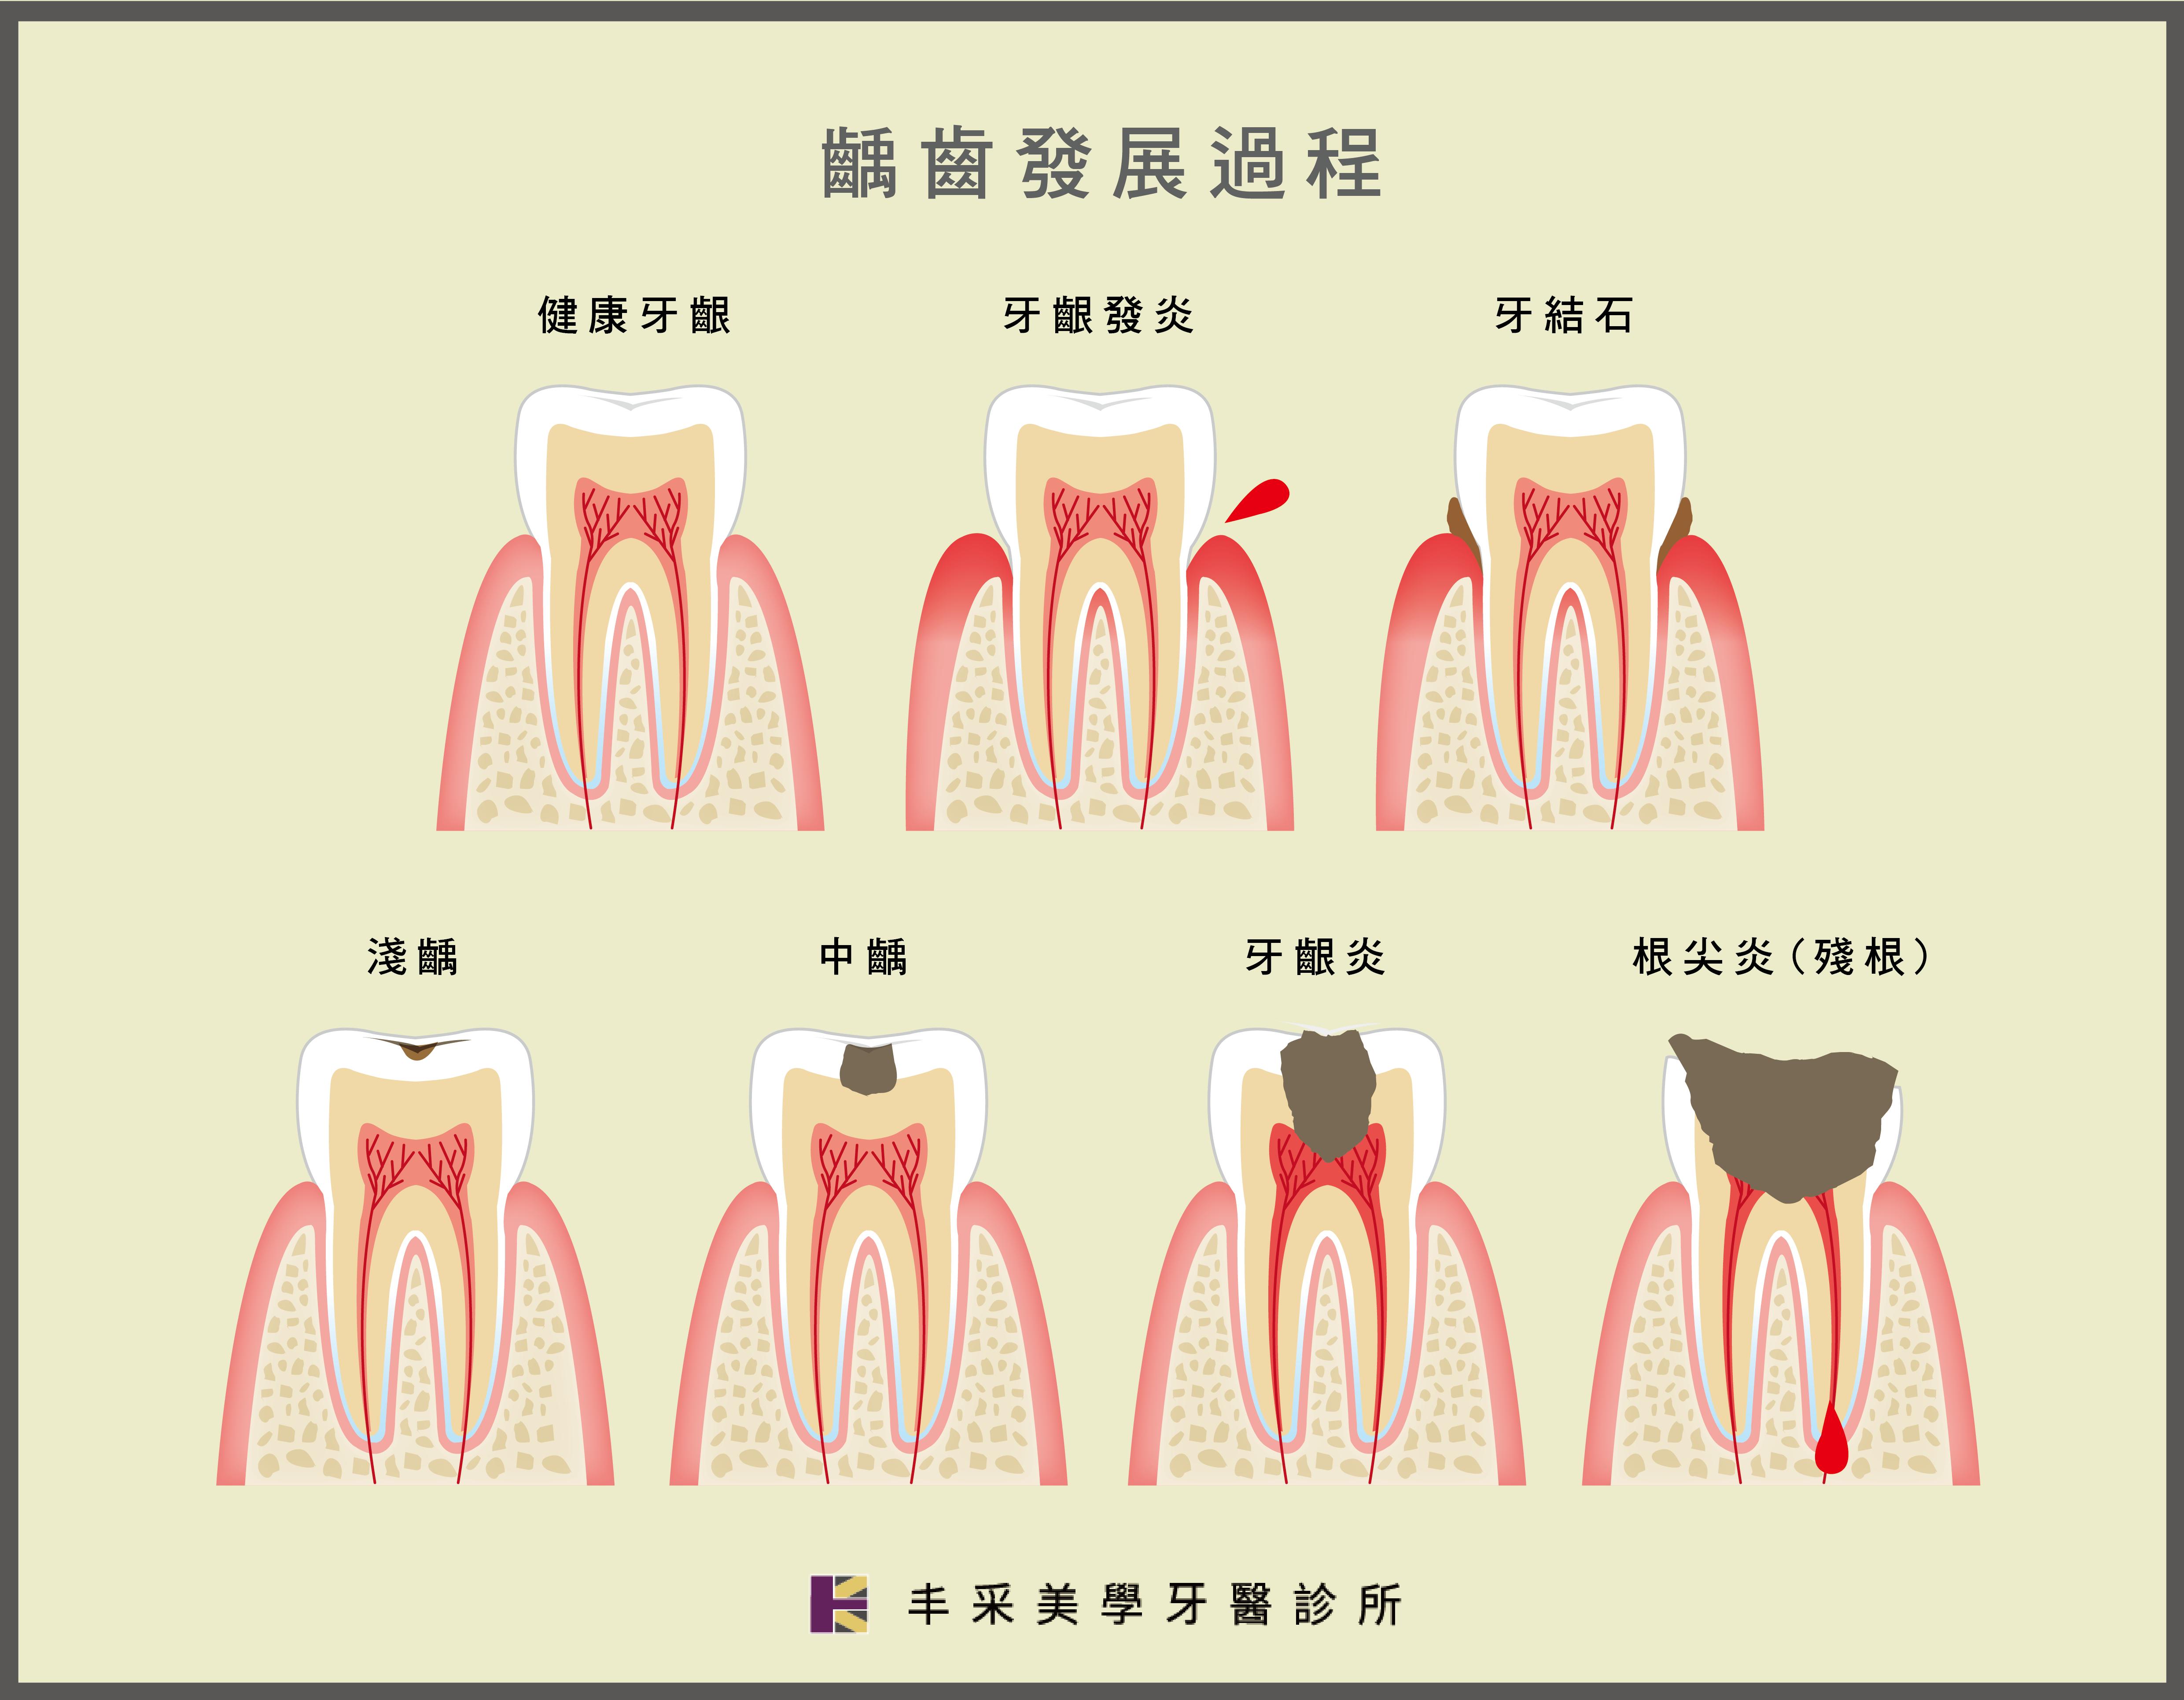 丰采美學牙醫-齲齒(蛀牙)發展過程示意圖